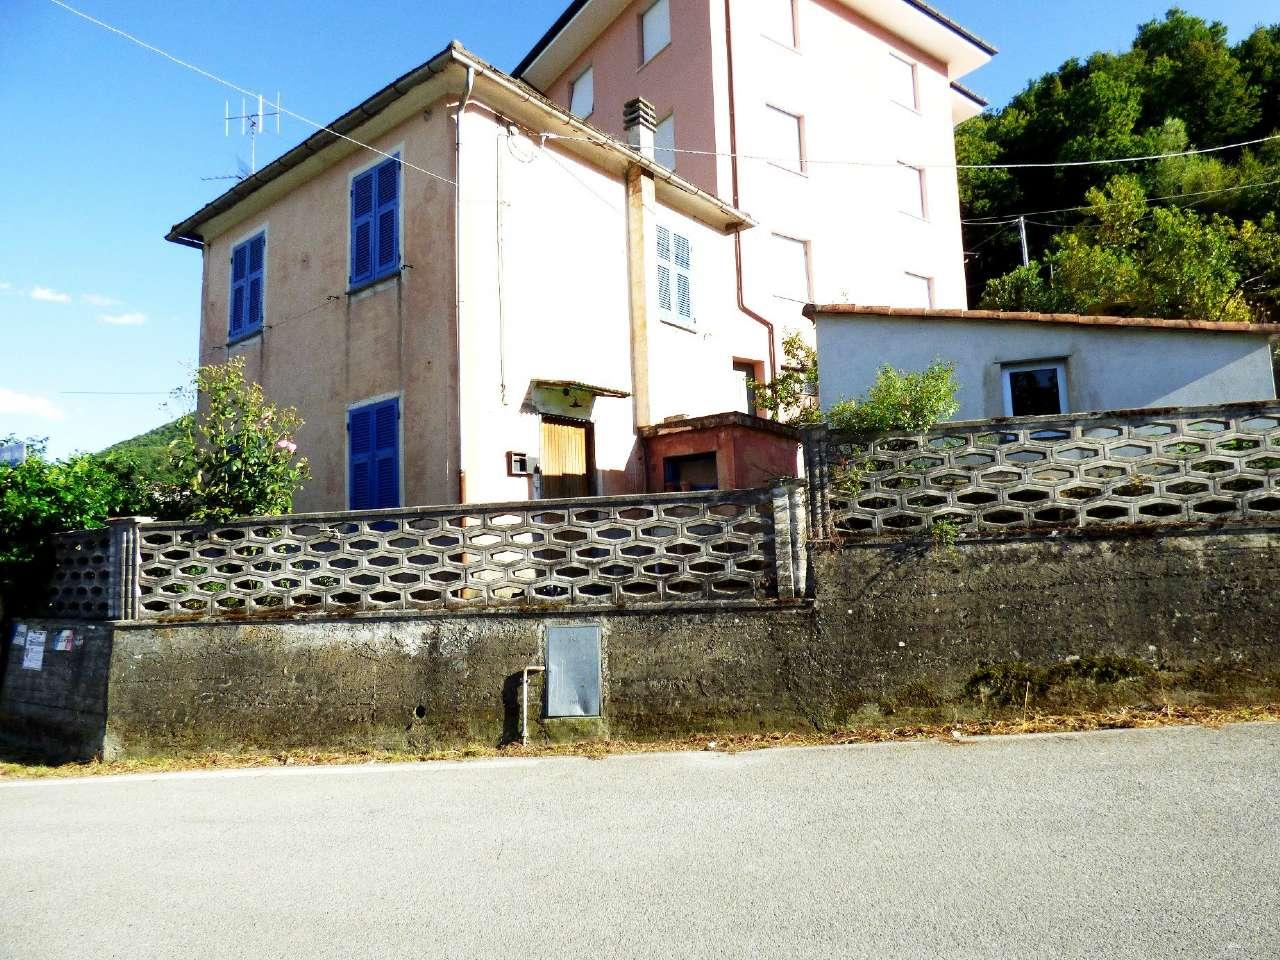 Soluzione Indipendente in vendita a Tribogna, 5 locali, prezzo € 50.000 | CambioCasa.it